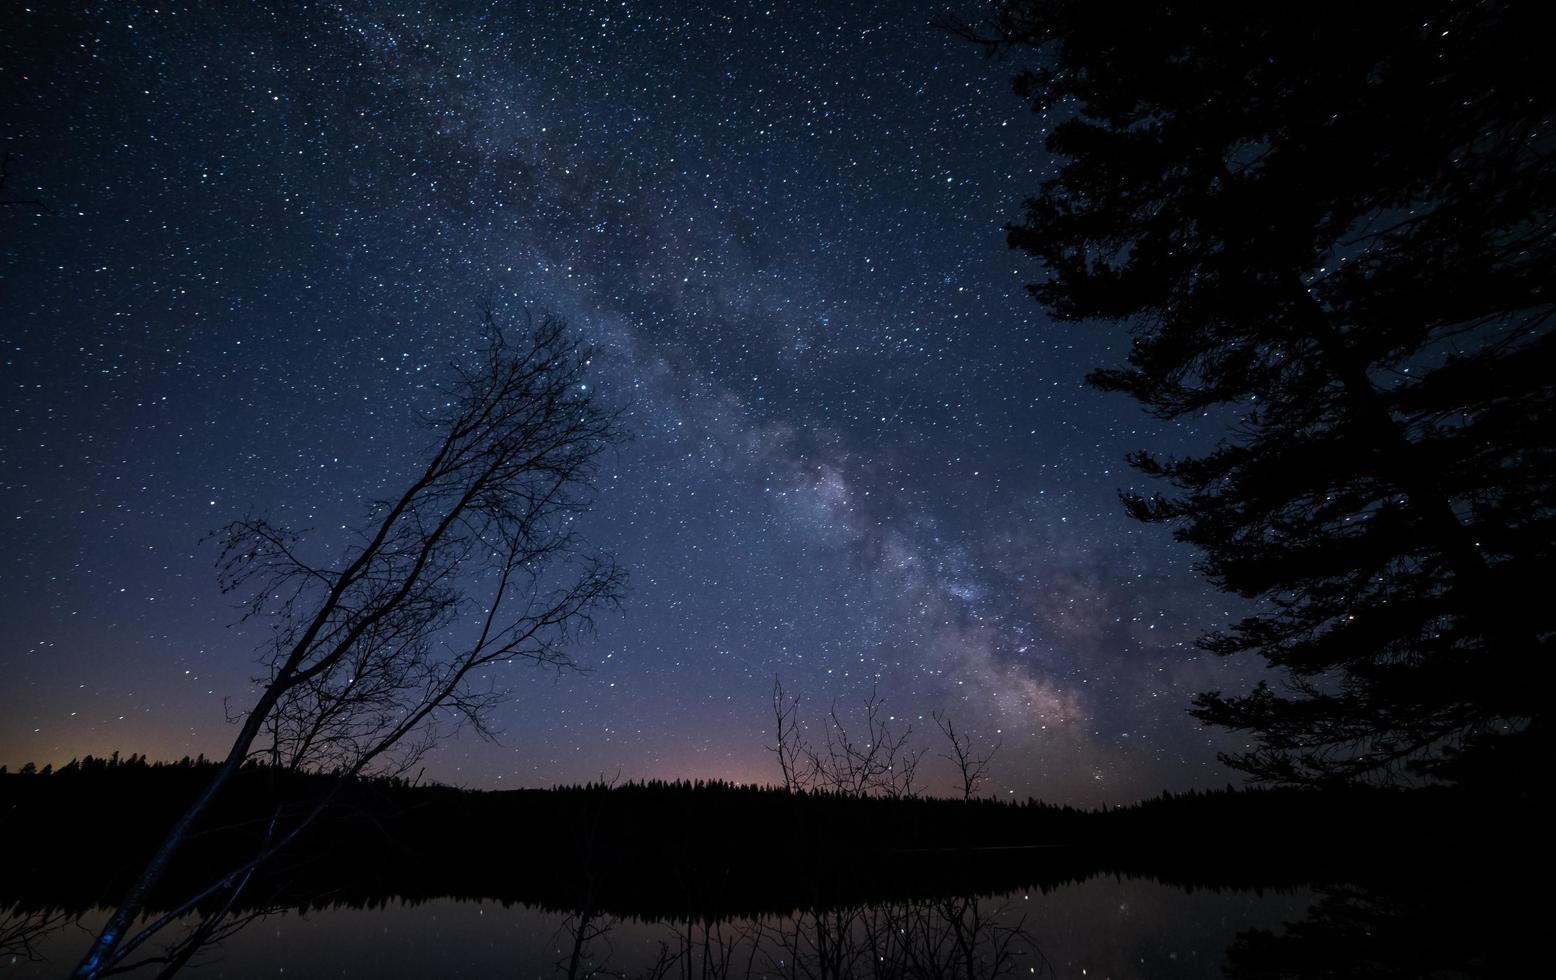 alberi sotto il cielo stellato foto